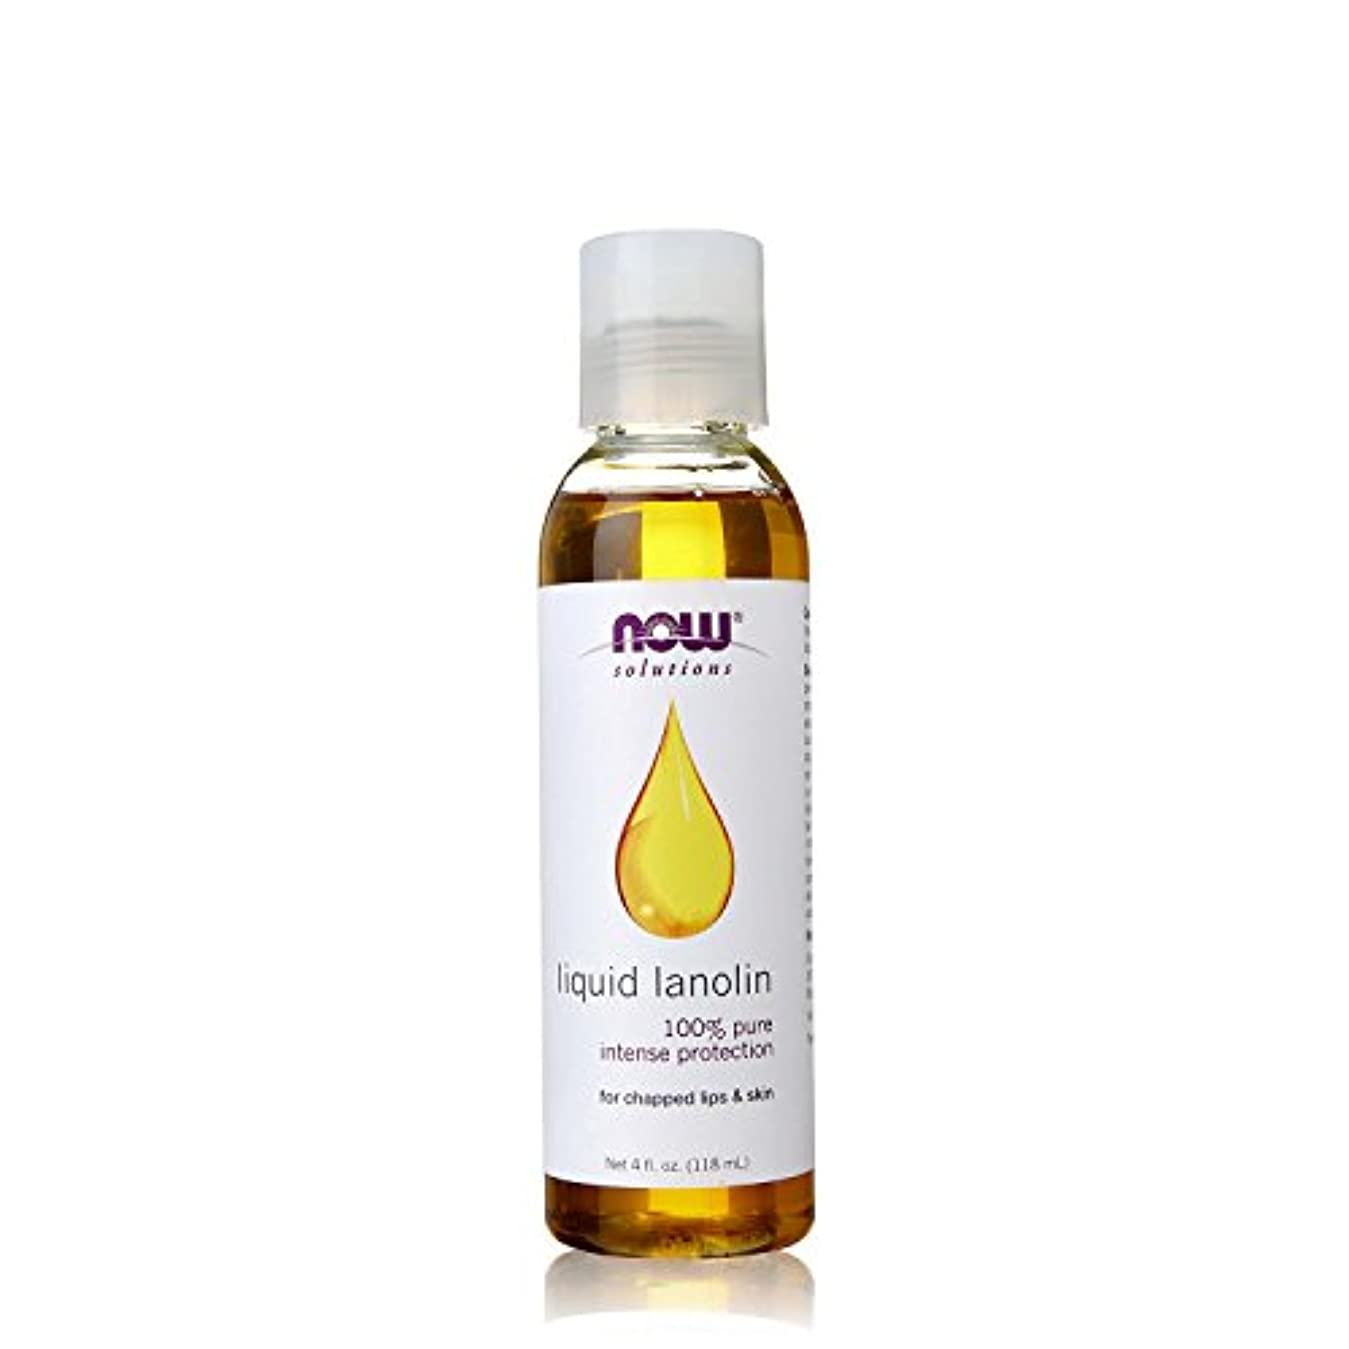 パッケージ環境に優しい中央値NOW Foods - 液体のラノリン 100% Pureの - 4ポンド [並行輸入品]